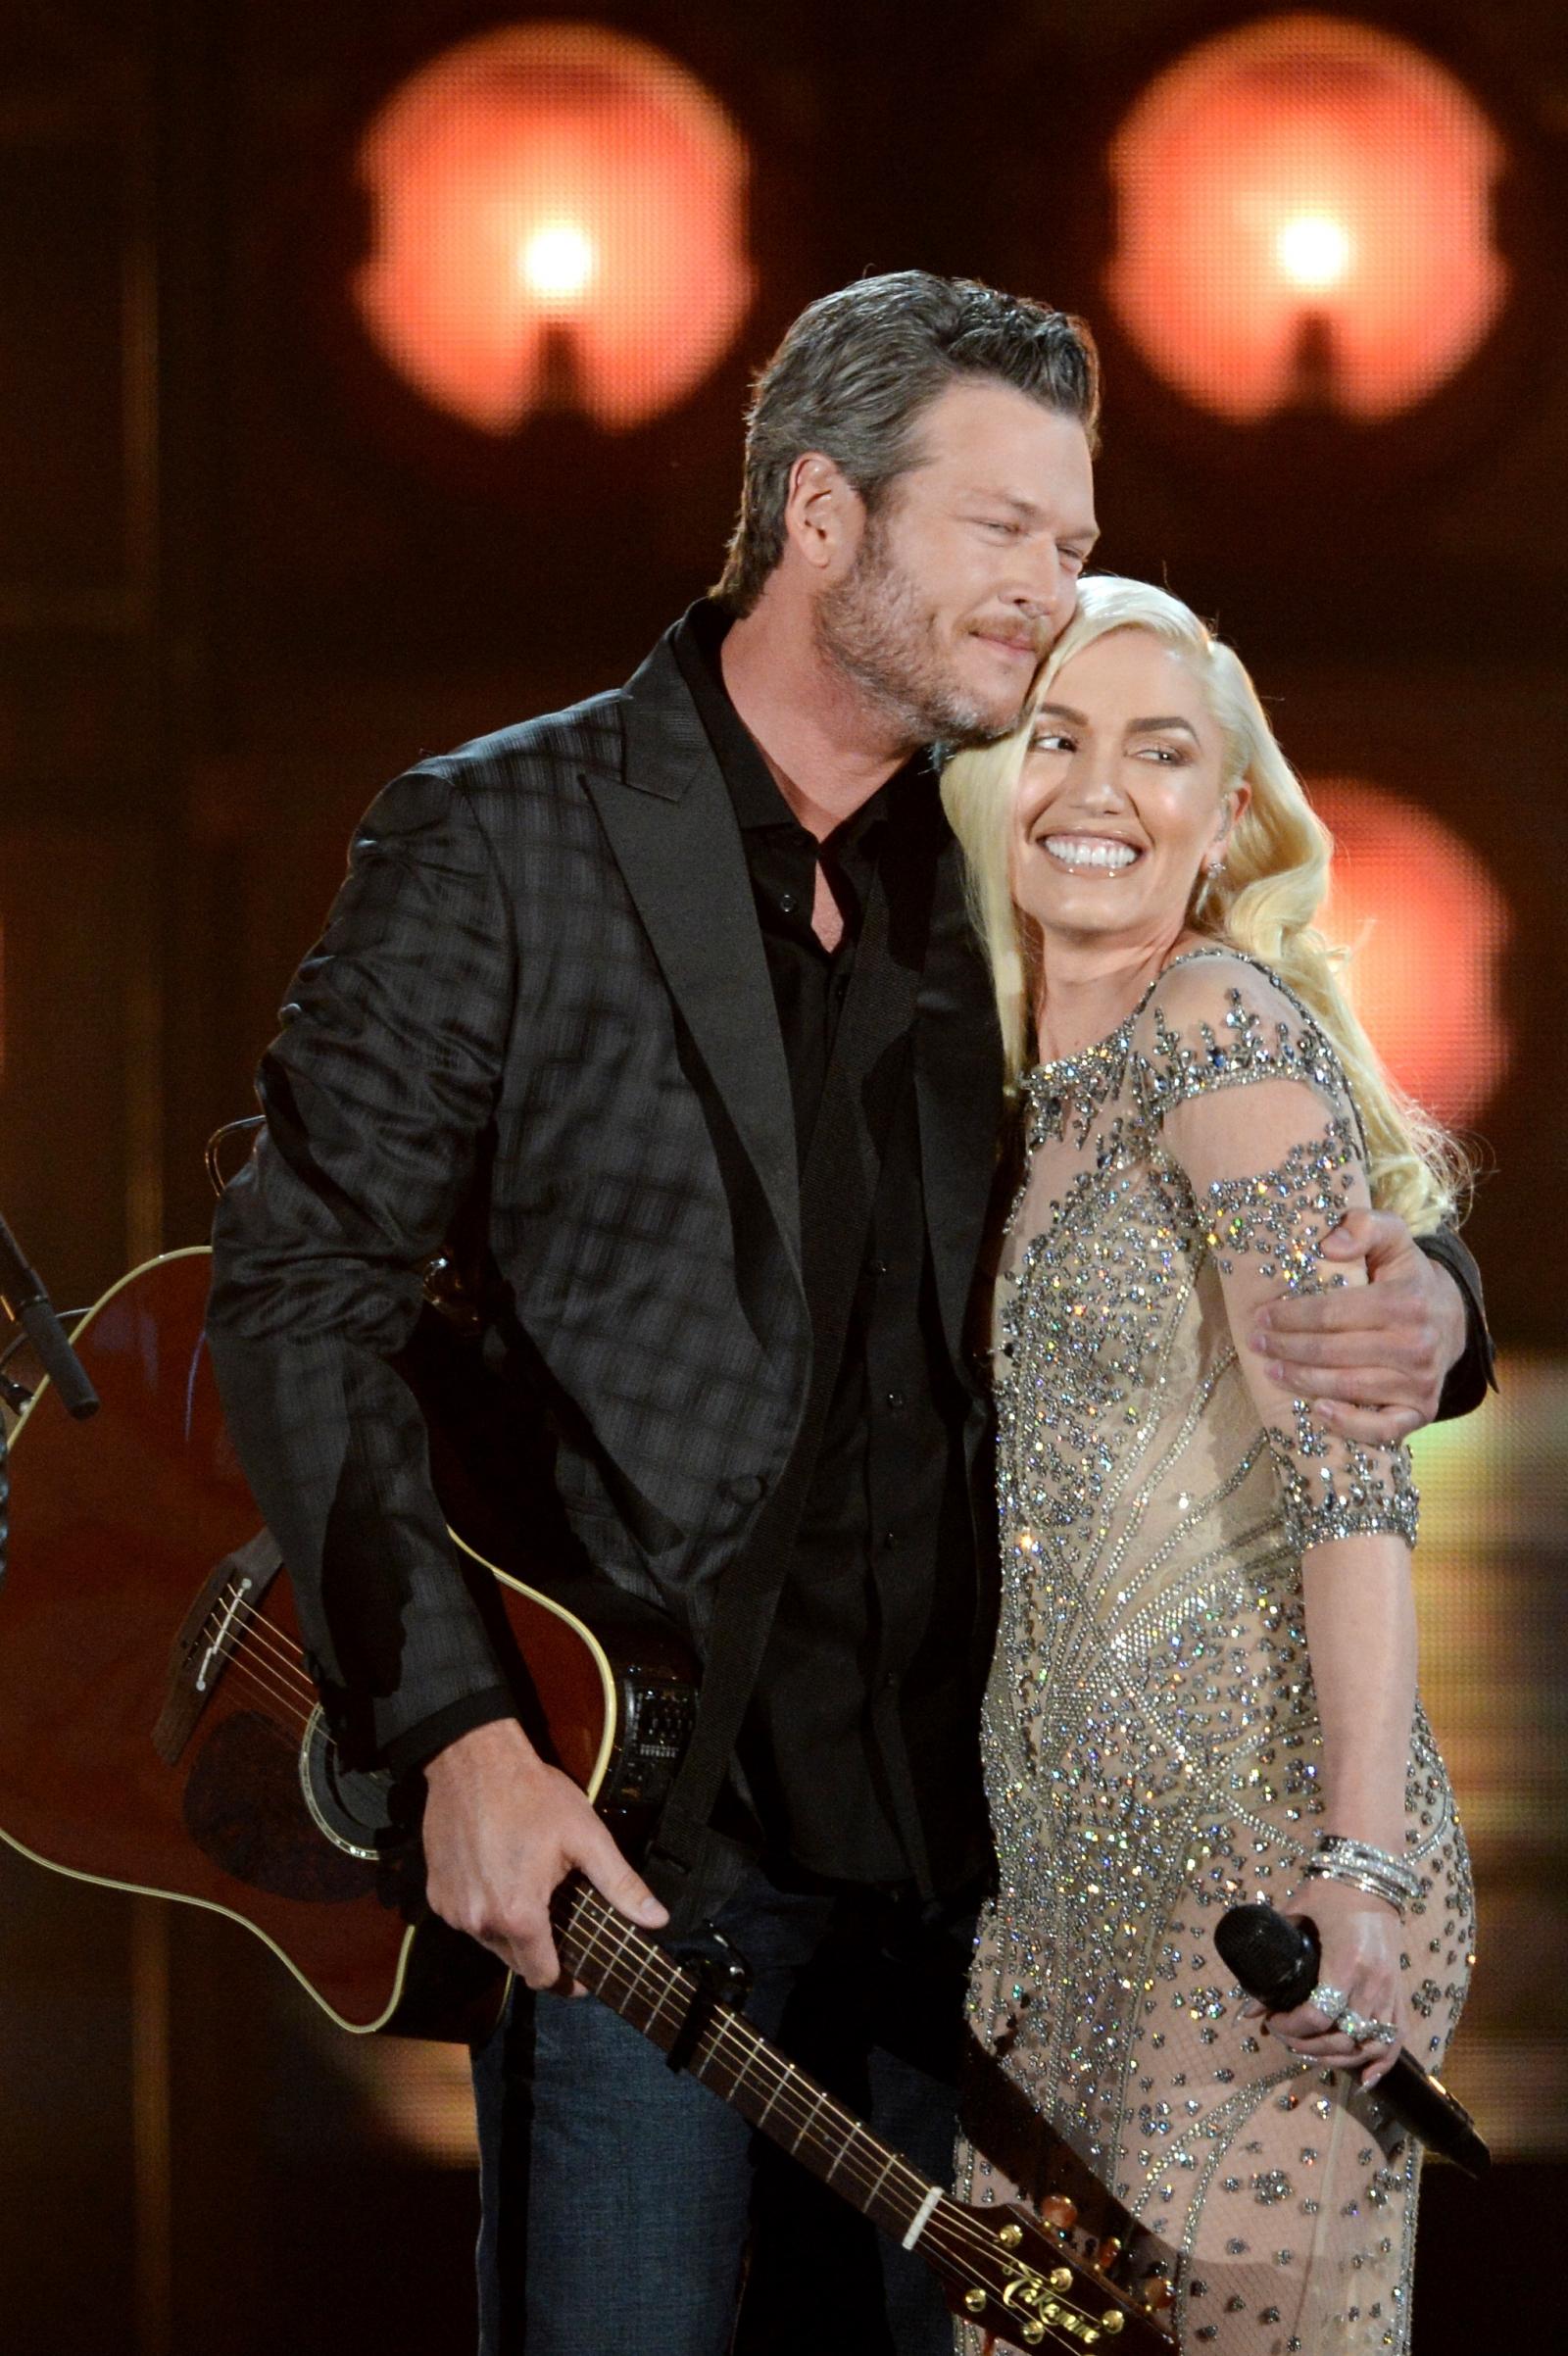 Gwen Stefani and Blake Shelton: Songstress's pregnancy report debunked